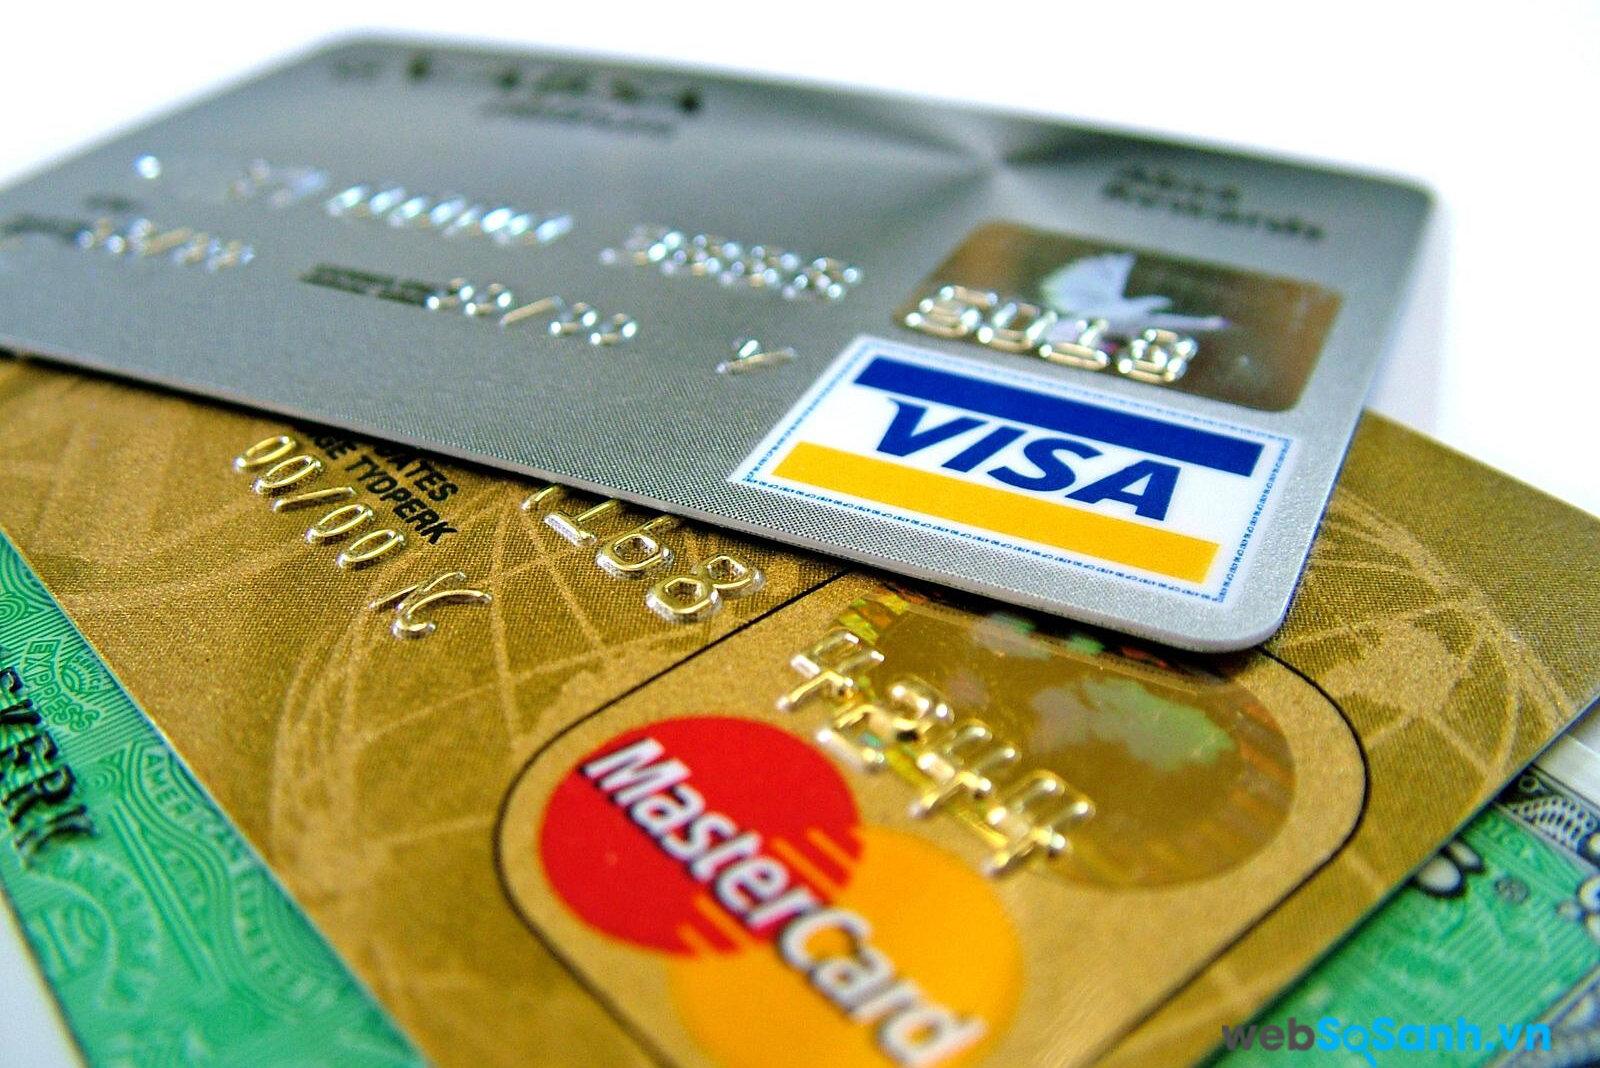 Thẻ ngân hàng là rất quan trọng, bạn nên giữ cẩn thận bên người